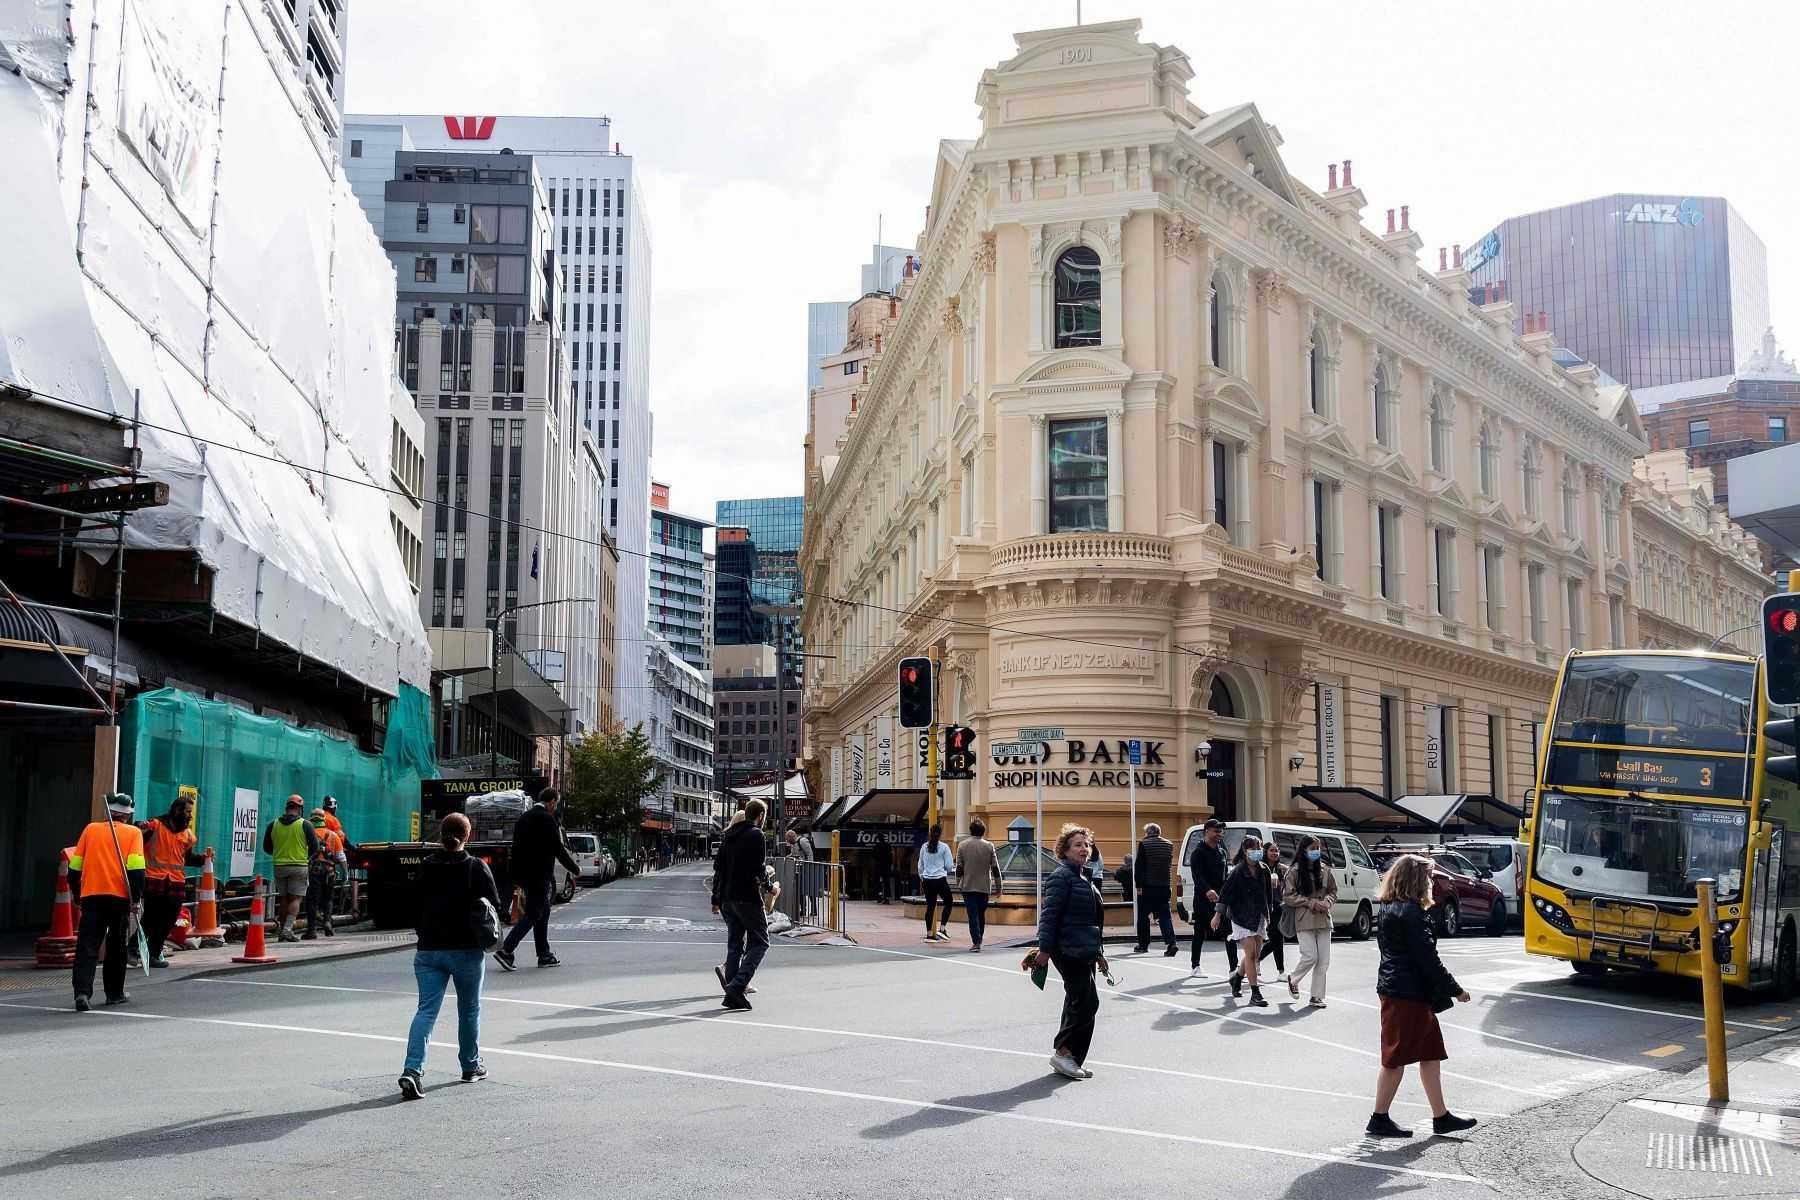 Gawat Selandia Baru Mengalami Lonjakan Kasus Covid-19 dalam 6 Minggu